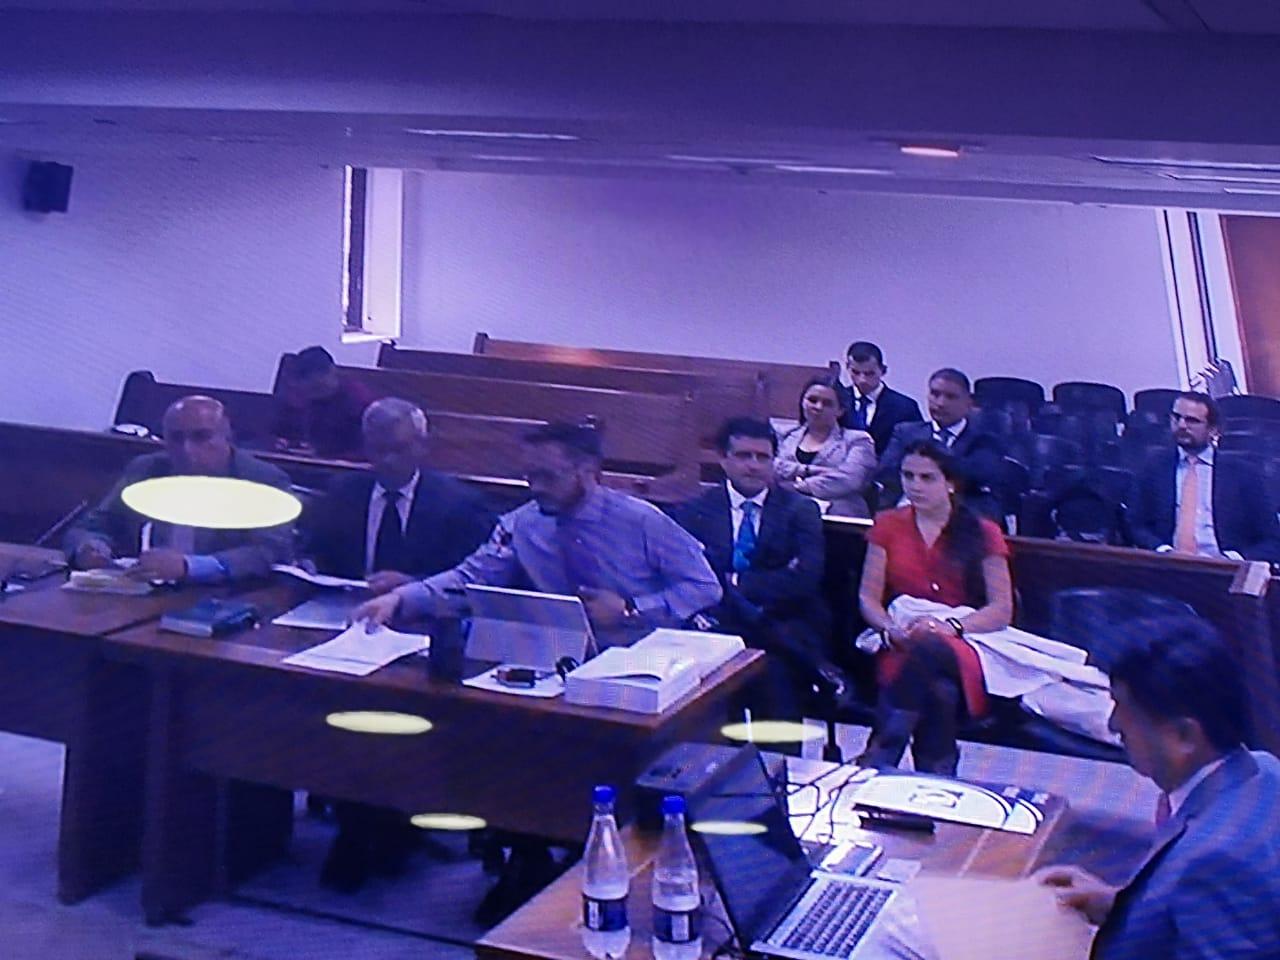 Hermanos Uribe crearon un plan criminal para ocultar a Yuliana Samboní: Fiscalía